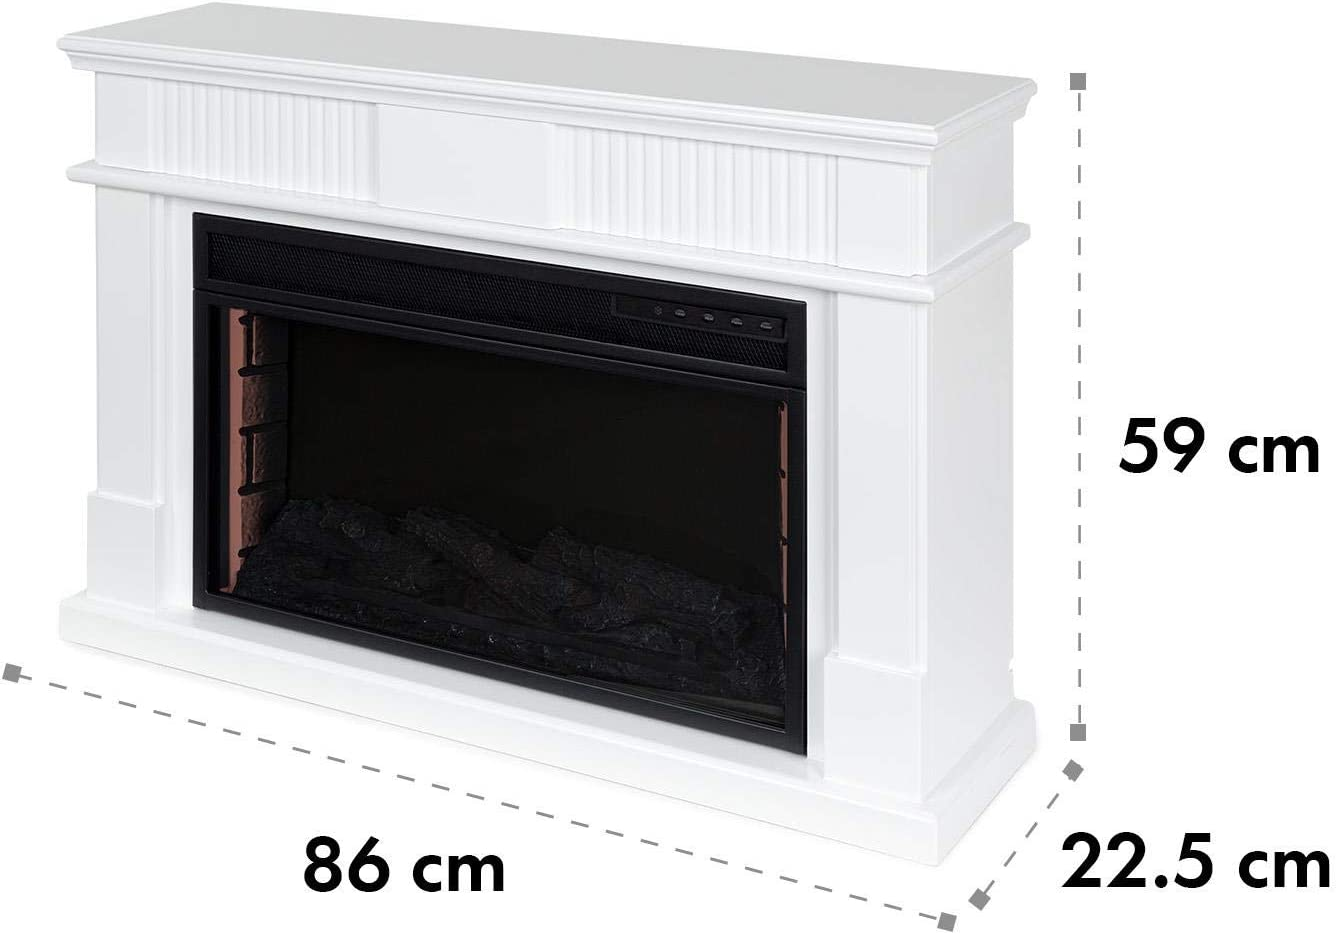 1000//2000 W Thermostat: 10-30 /°C wei/ß LED-Flammenillusion Wochentimer Klarstein Bern Elektrischer Kamin Elektrokamin Fernbedienung Open Window Detection /Überhitzungsschutz MDF-Geh/äuse